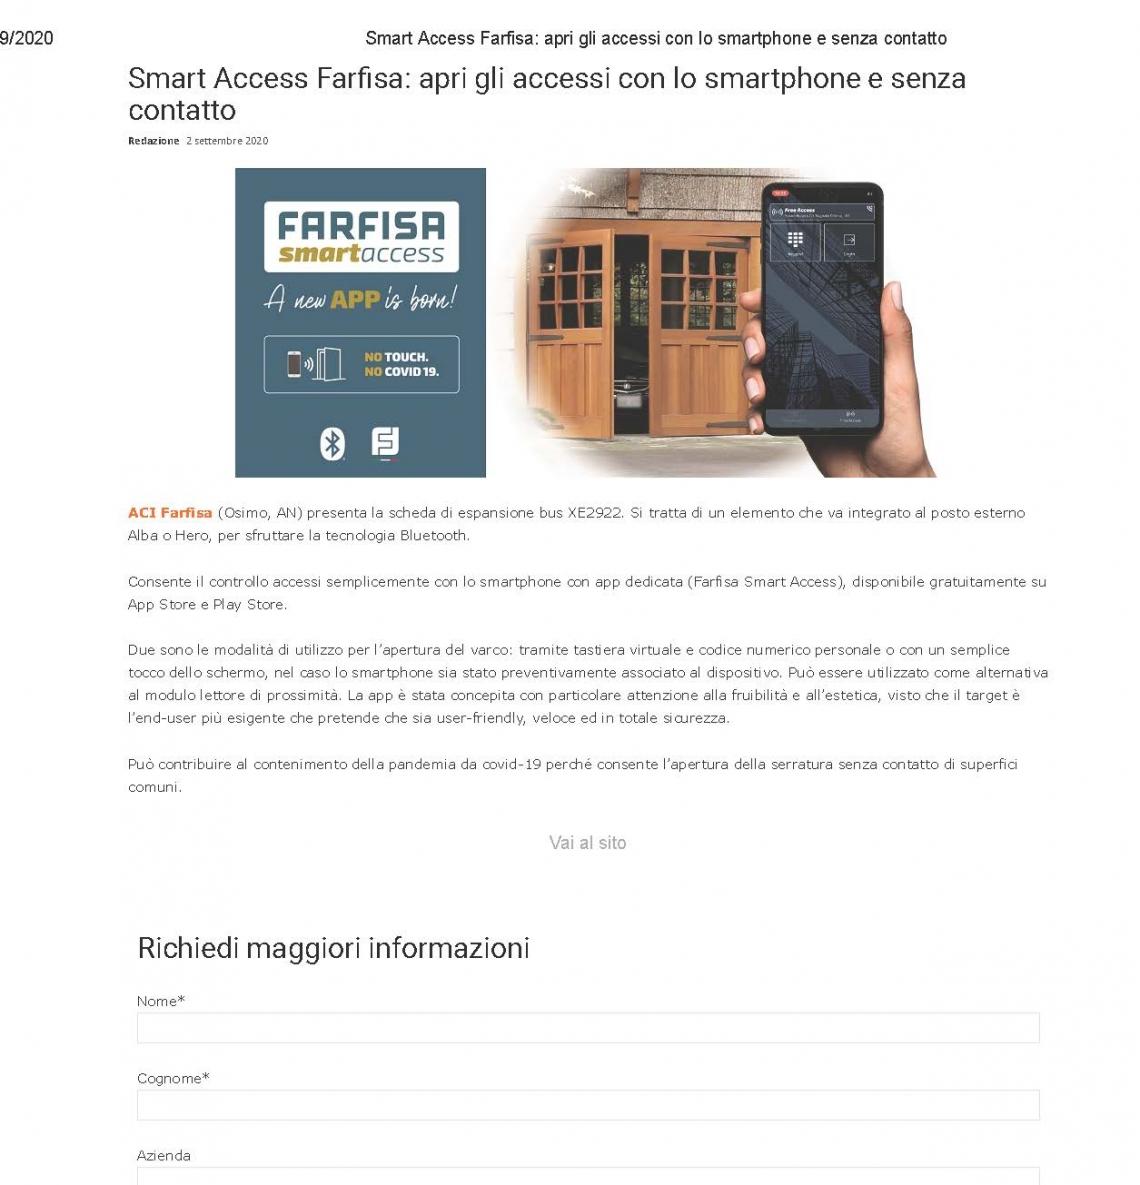 Smart Access: apri gli accessi con lo smartphone e senza contatto